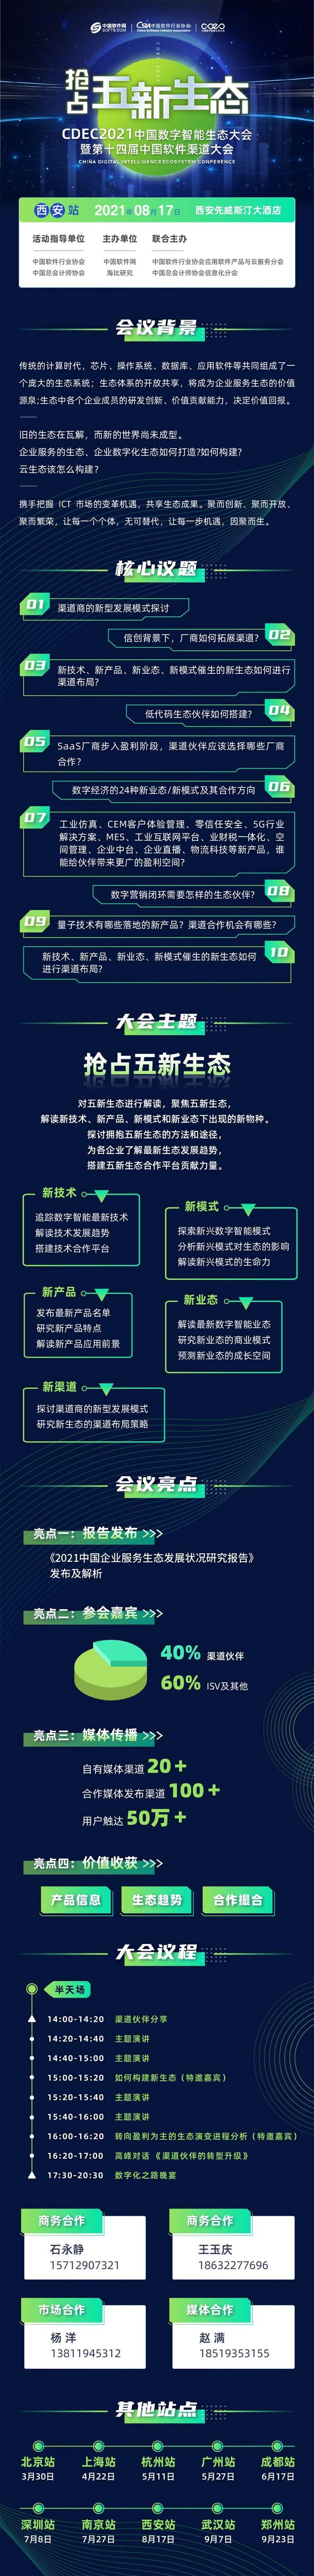 2021cdec长图-西安站-01.jpg